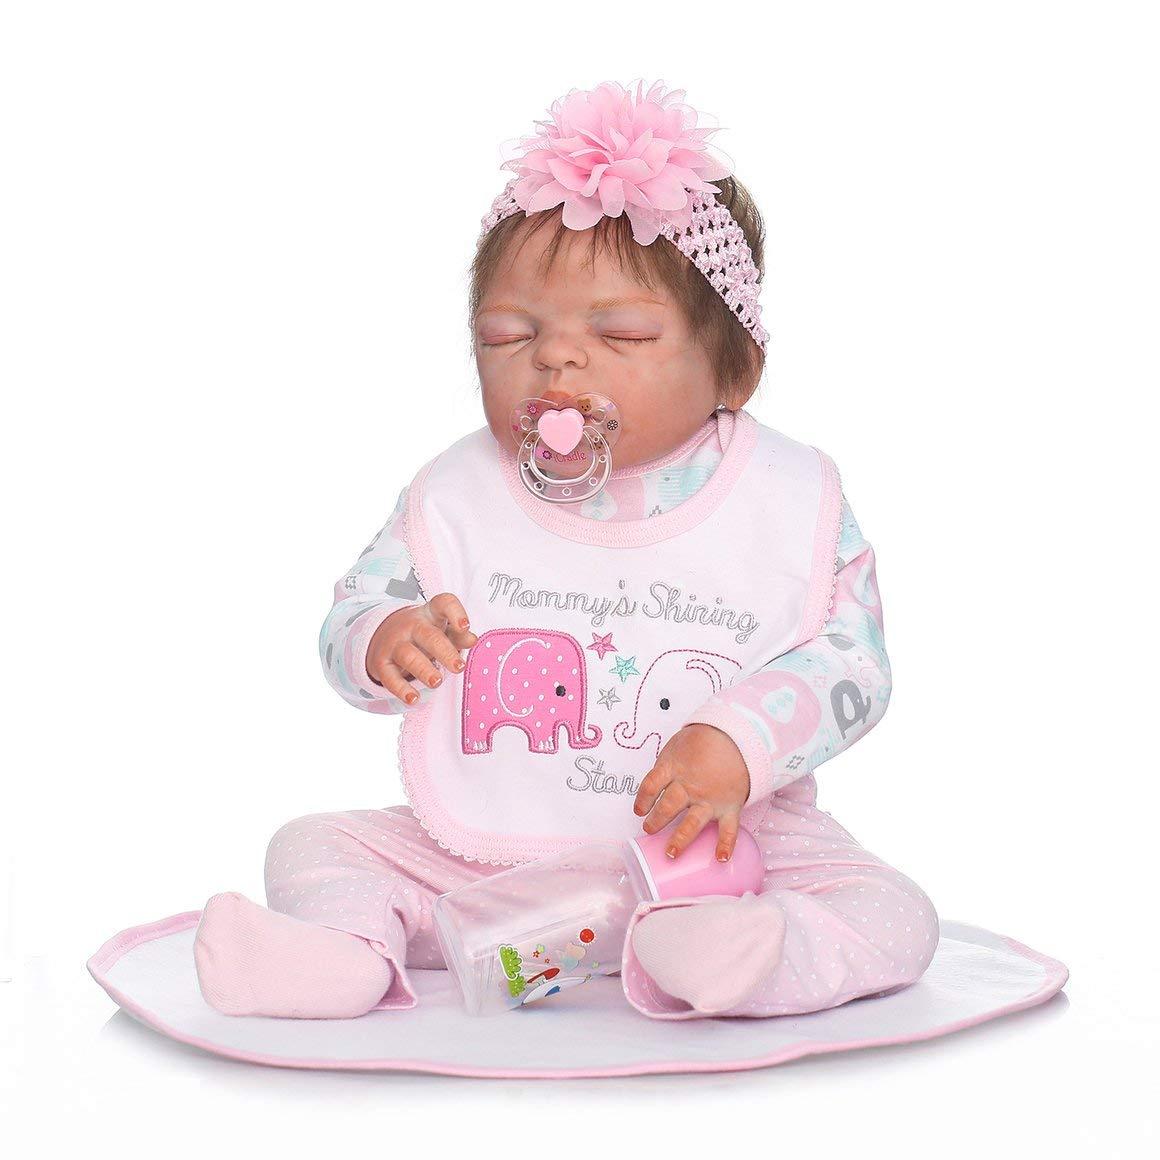 Funnyrunstore 22 Pulgadas Niños Reborn Baby Doll Silicona y Tela Tela Realista Dormir Newborn Doll Girl Touch Suave Mejor Regalo de cumpleaños (Rosa)